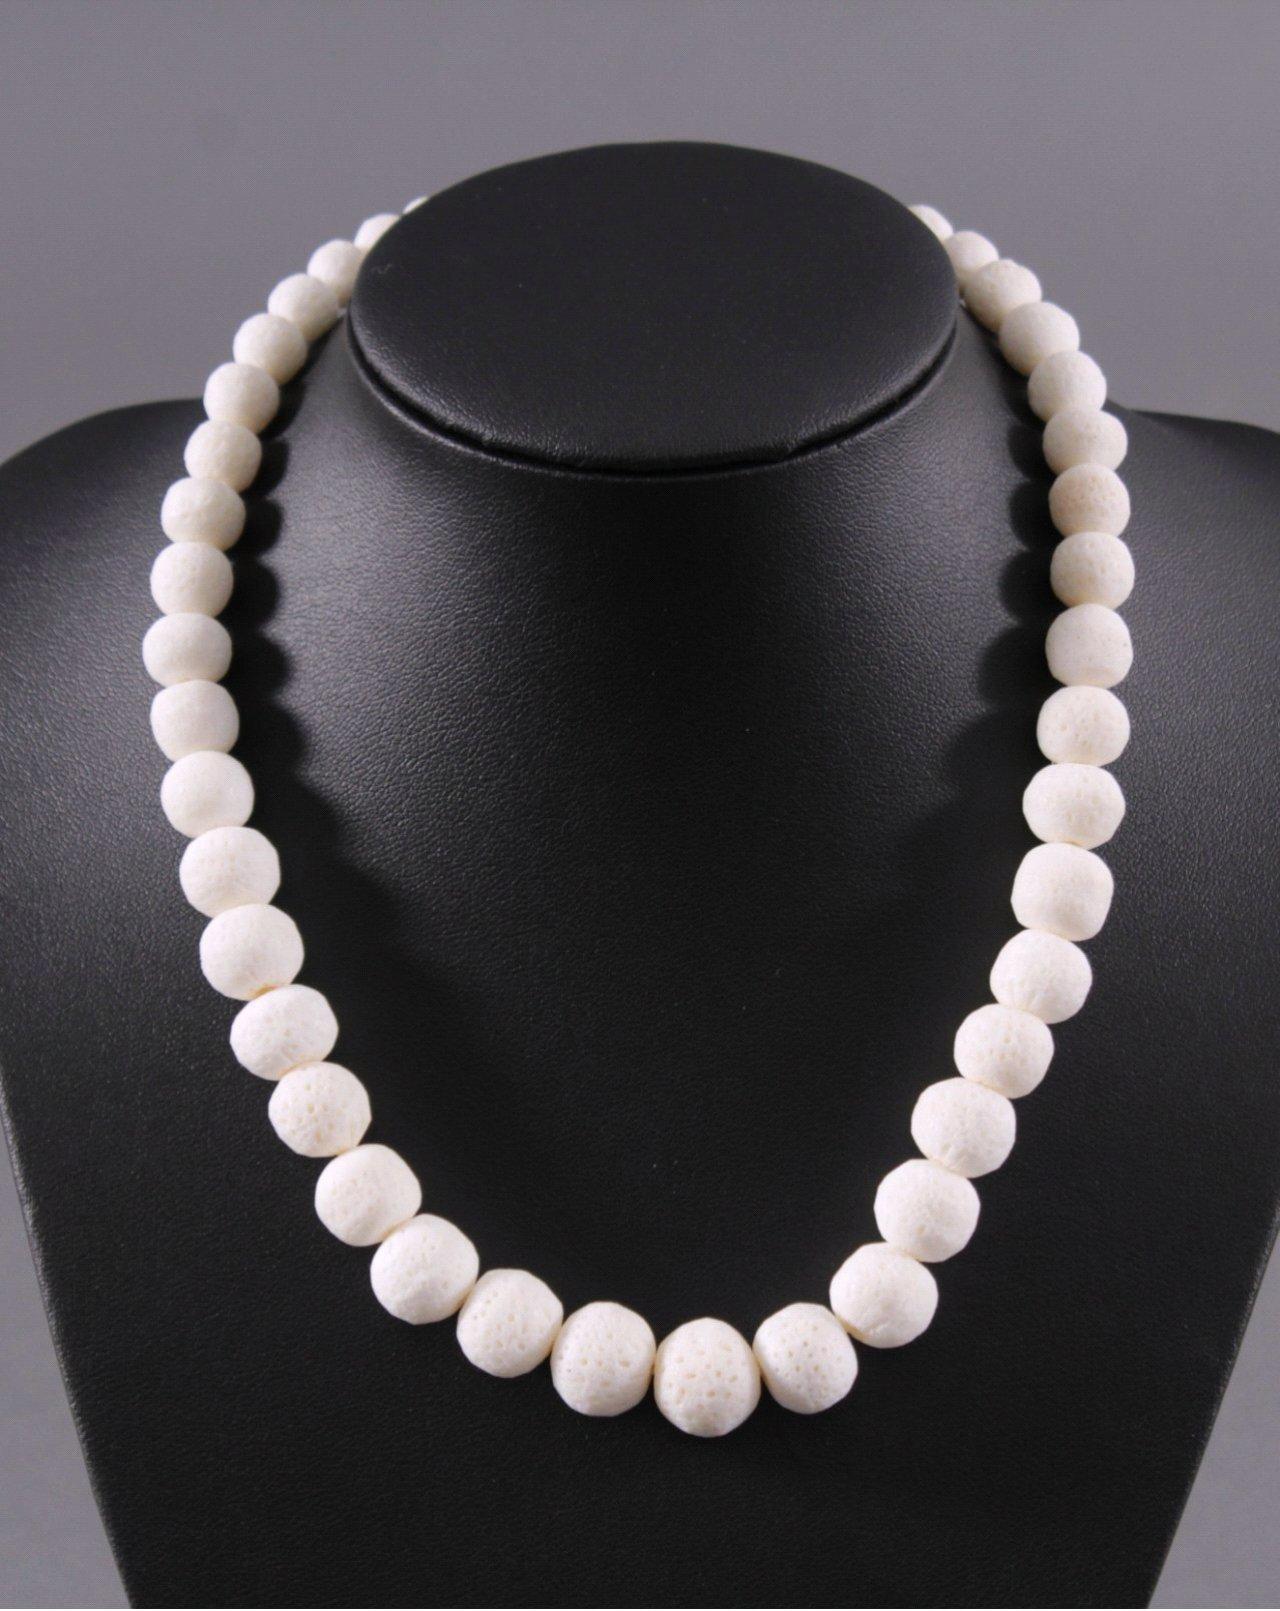 Halskette aus weißer Koralle